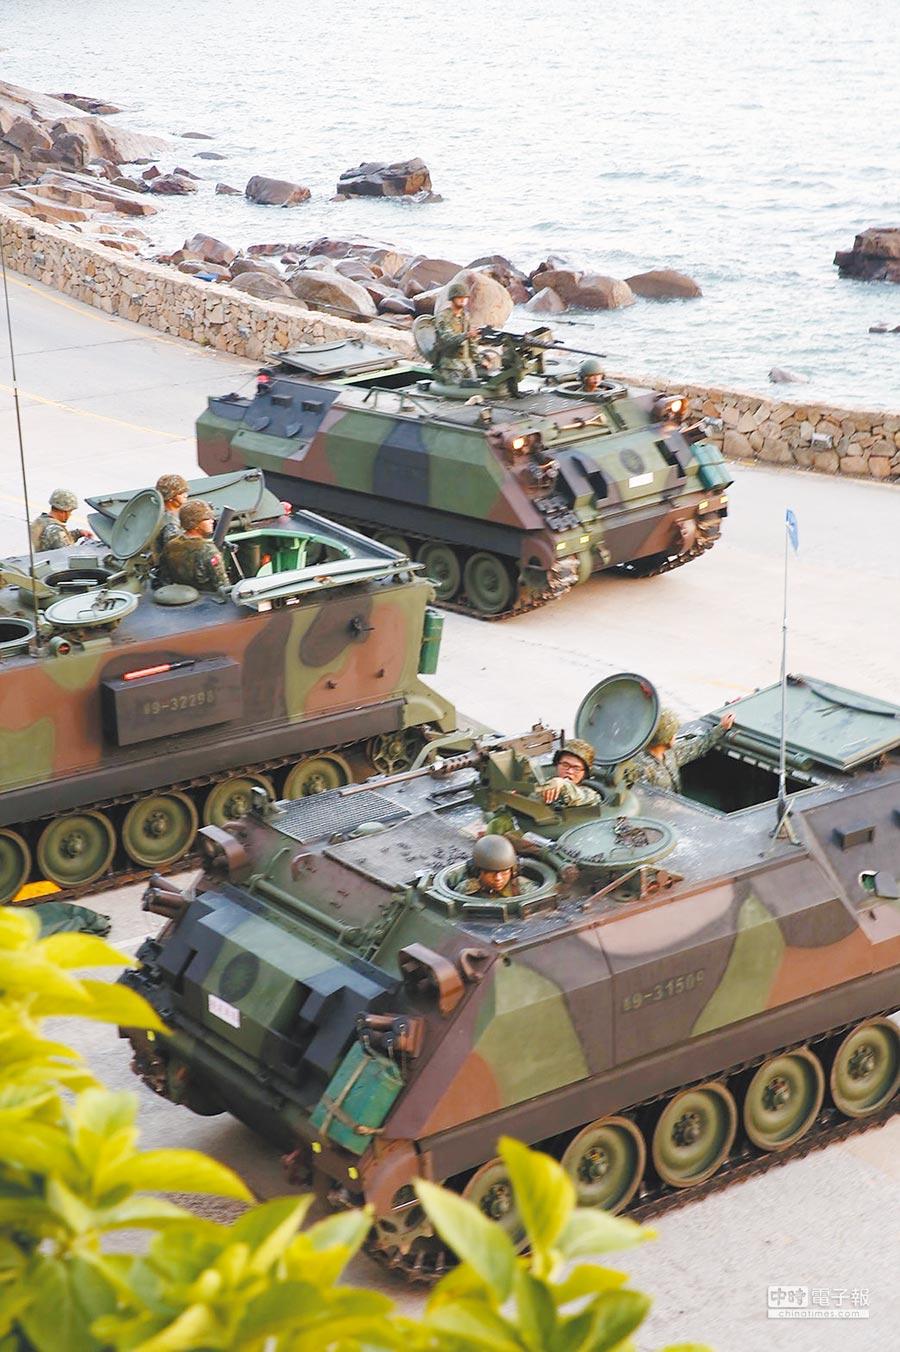 針對解放軍在東海軍事演習,國軍駐守馬祖戰備部隊20日在北竿芹壁演習,加強戰備。(本報系資料照片)